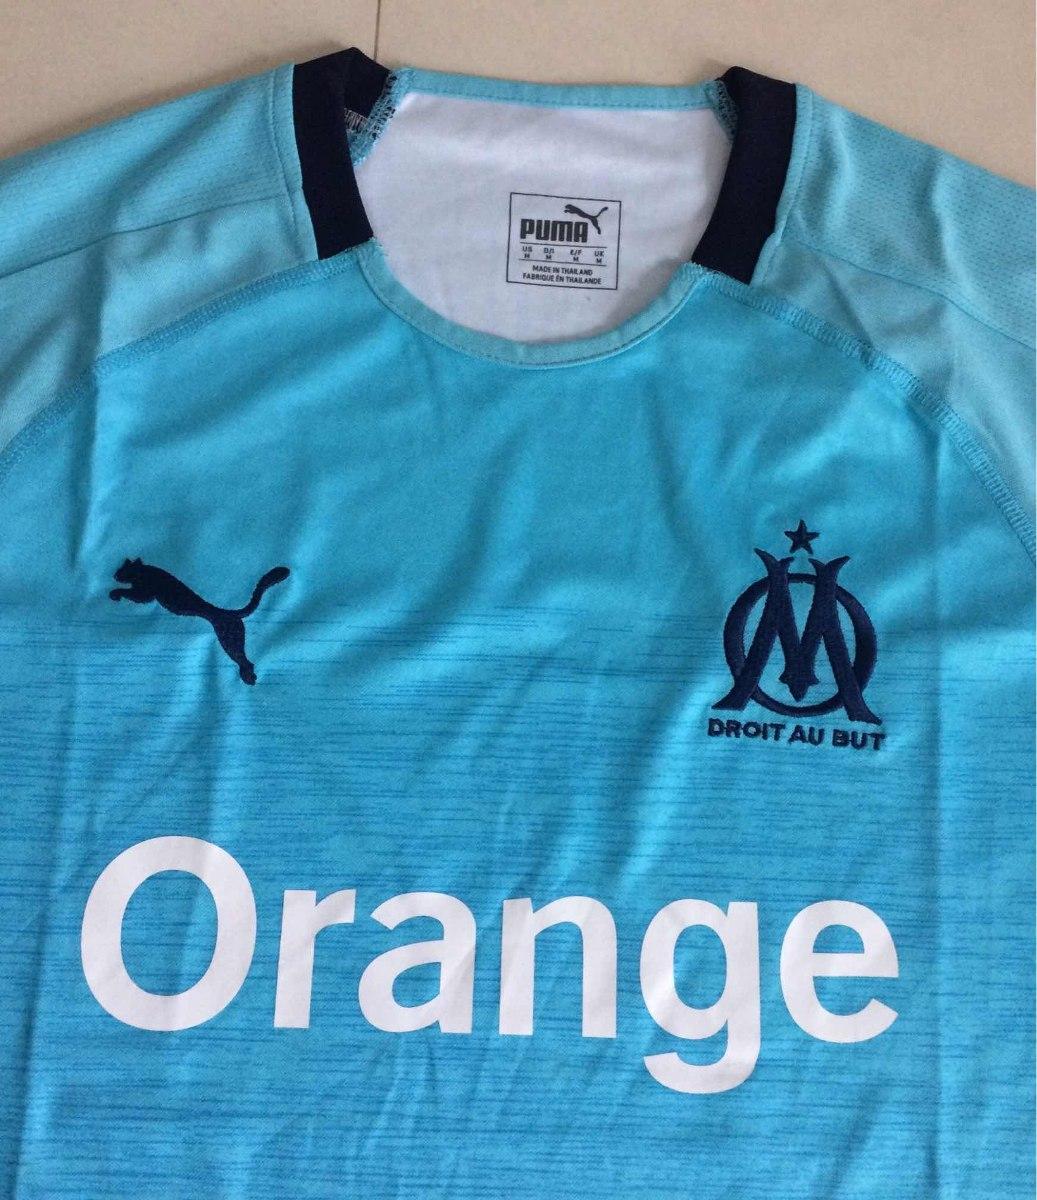 a424c8c53 camisa olympique de marseille oficial 2018 2019 fotos reais. Carregando zoom .